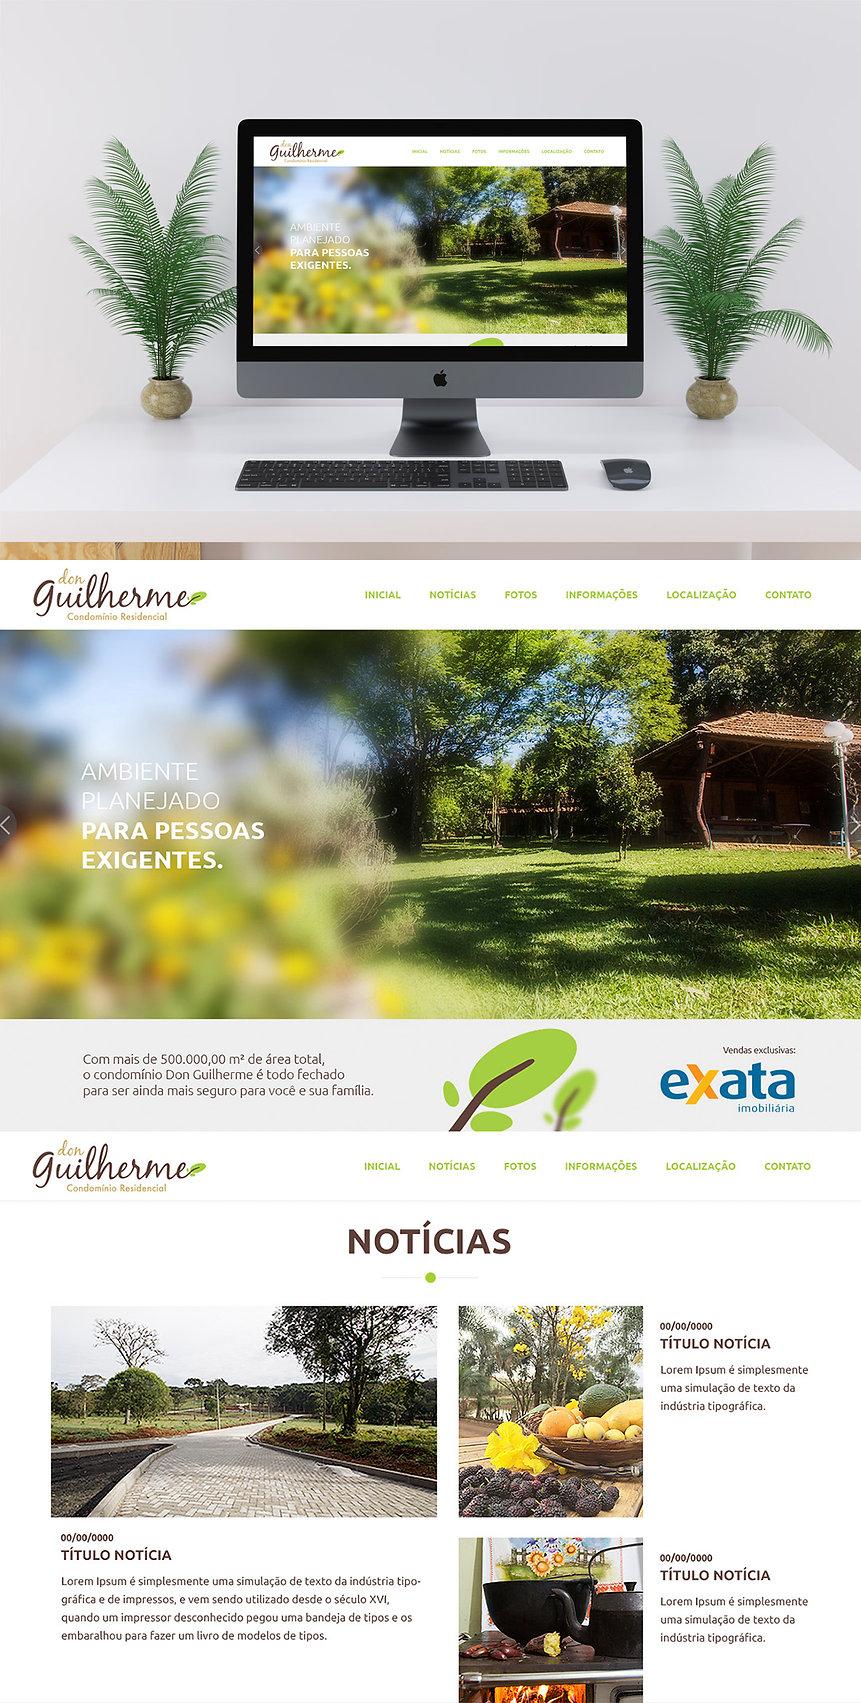 Web_Apresentação.jpg